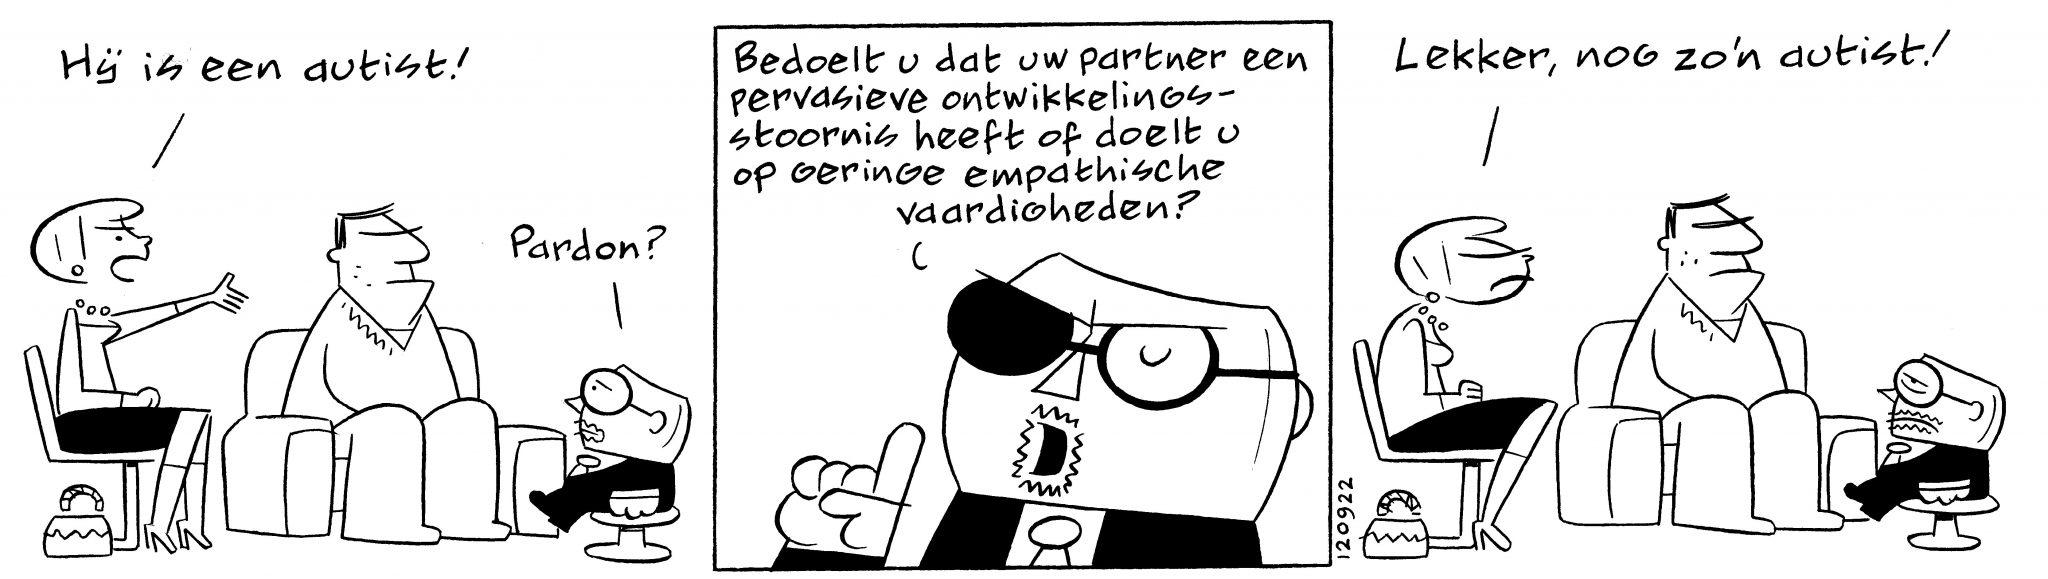 NAC2020 cartoon Peter de Wit